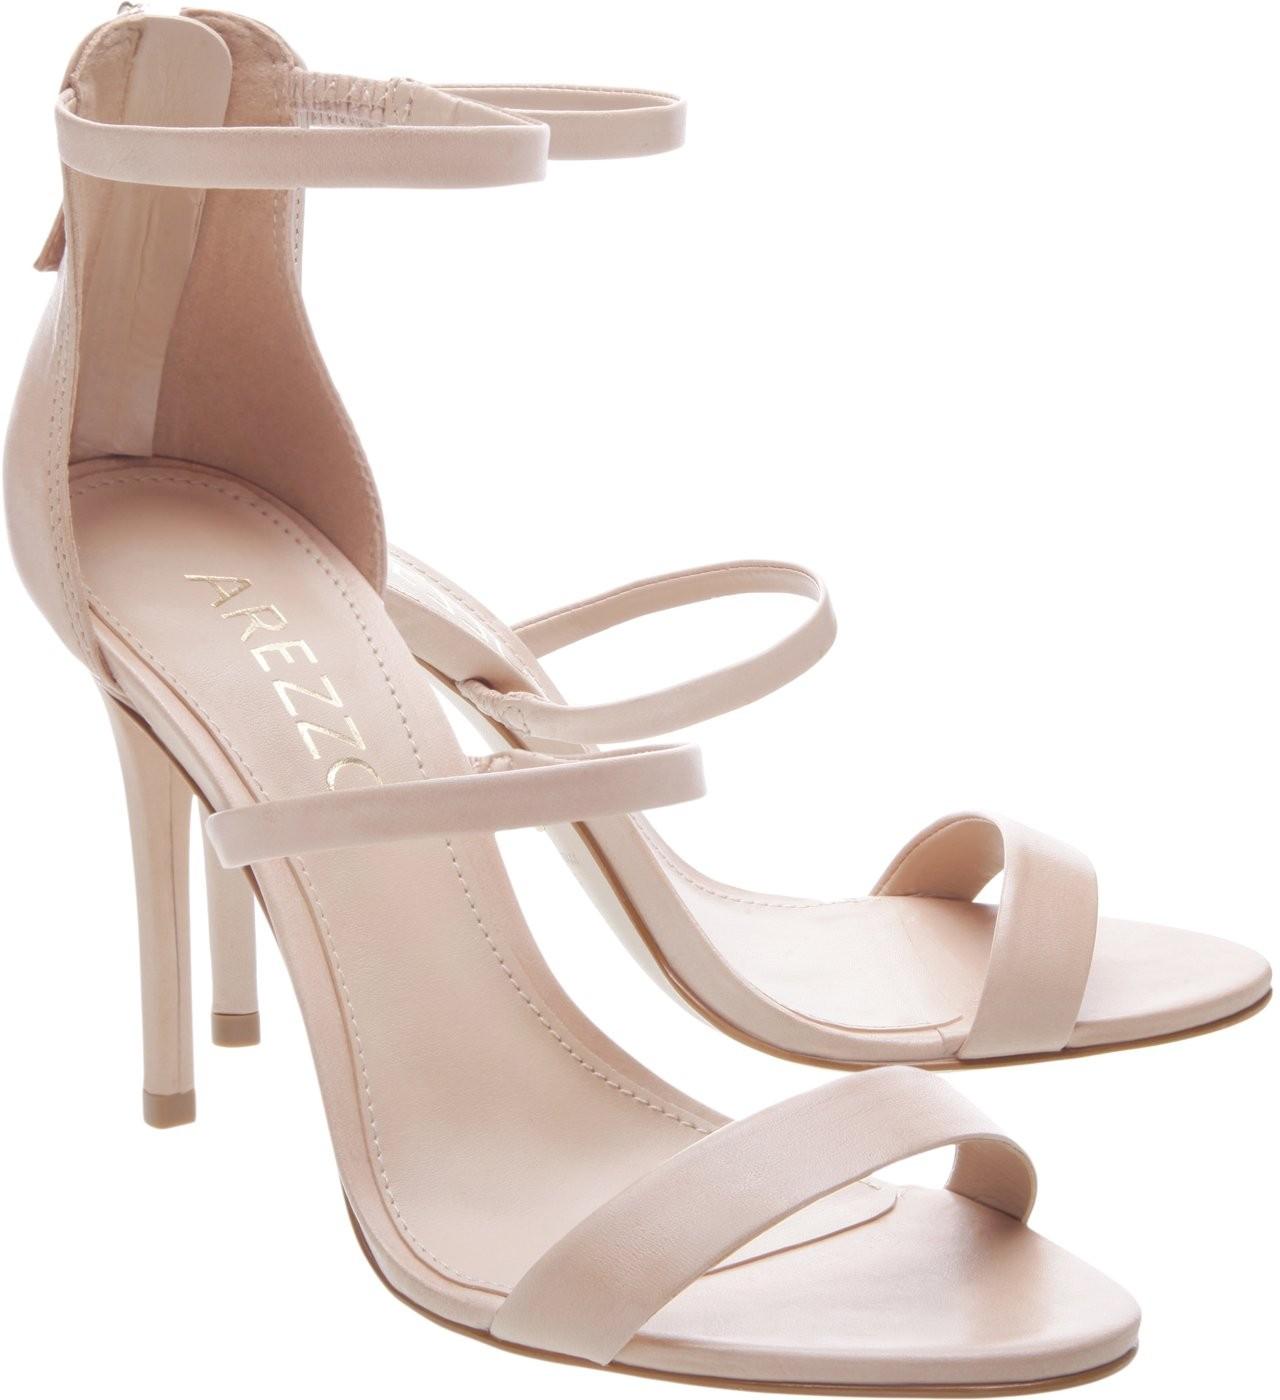 A top apostou em sandálias minimalistas para o evento (Foto: divulgação)